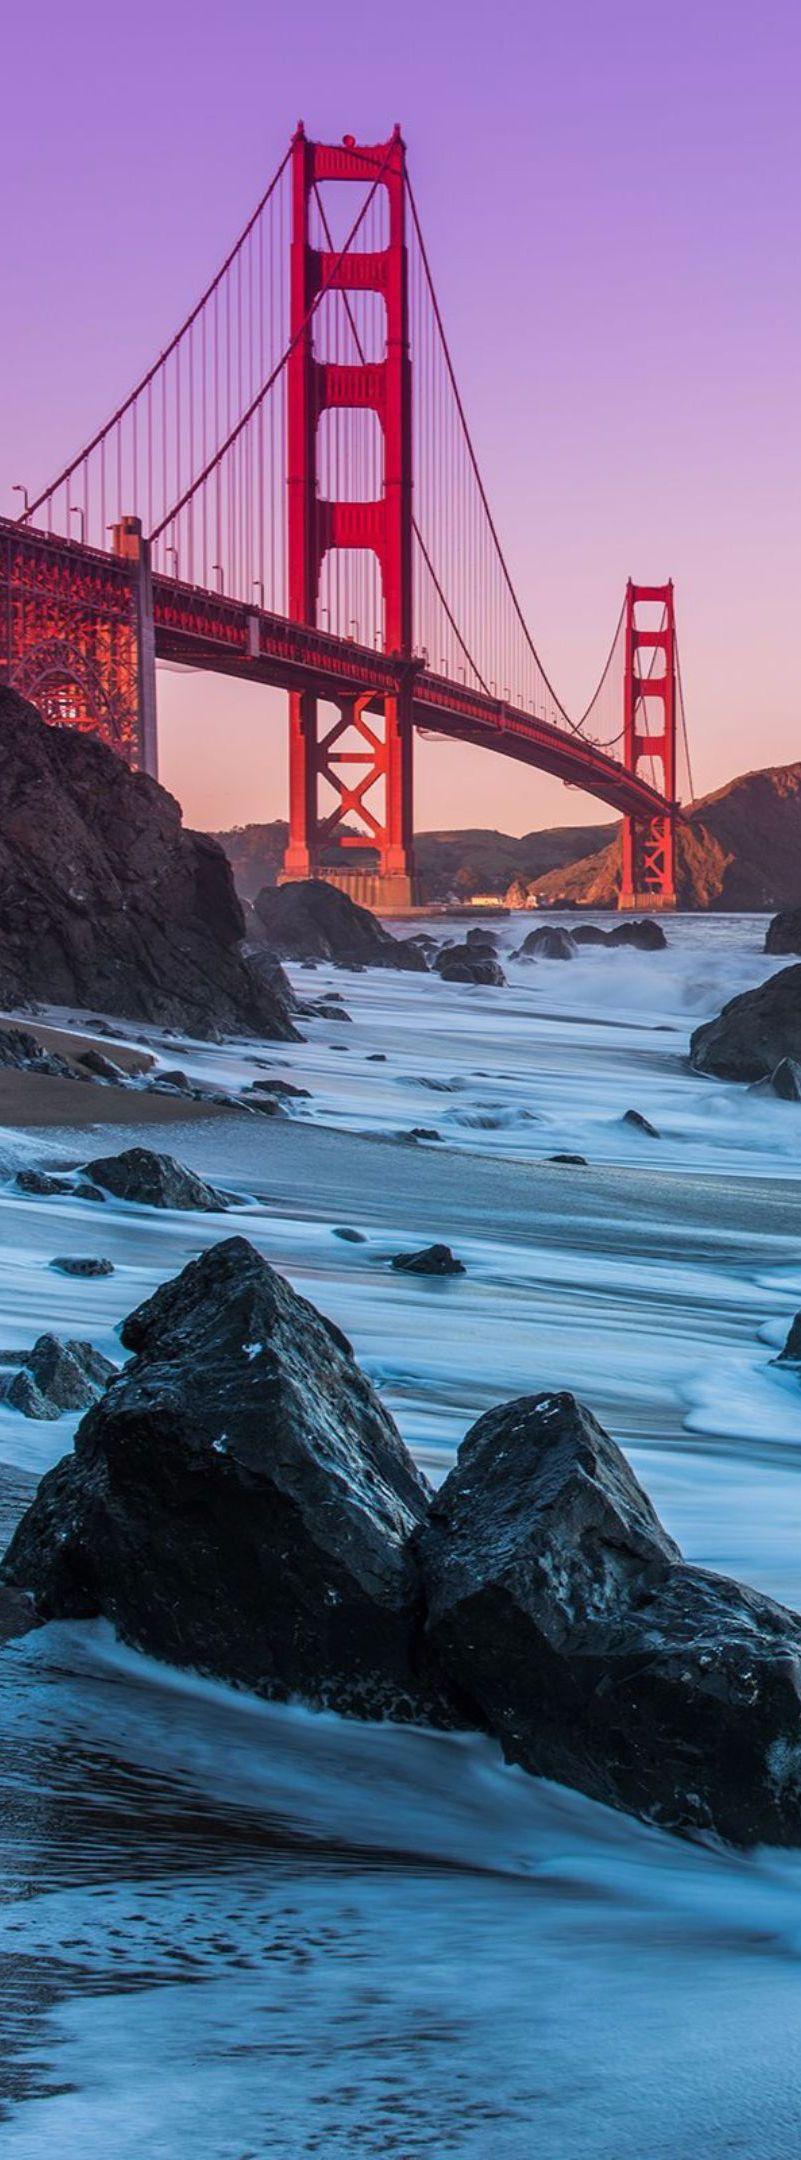 Golden Gate Bridge San Francisco California We ︎